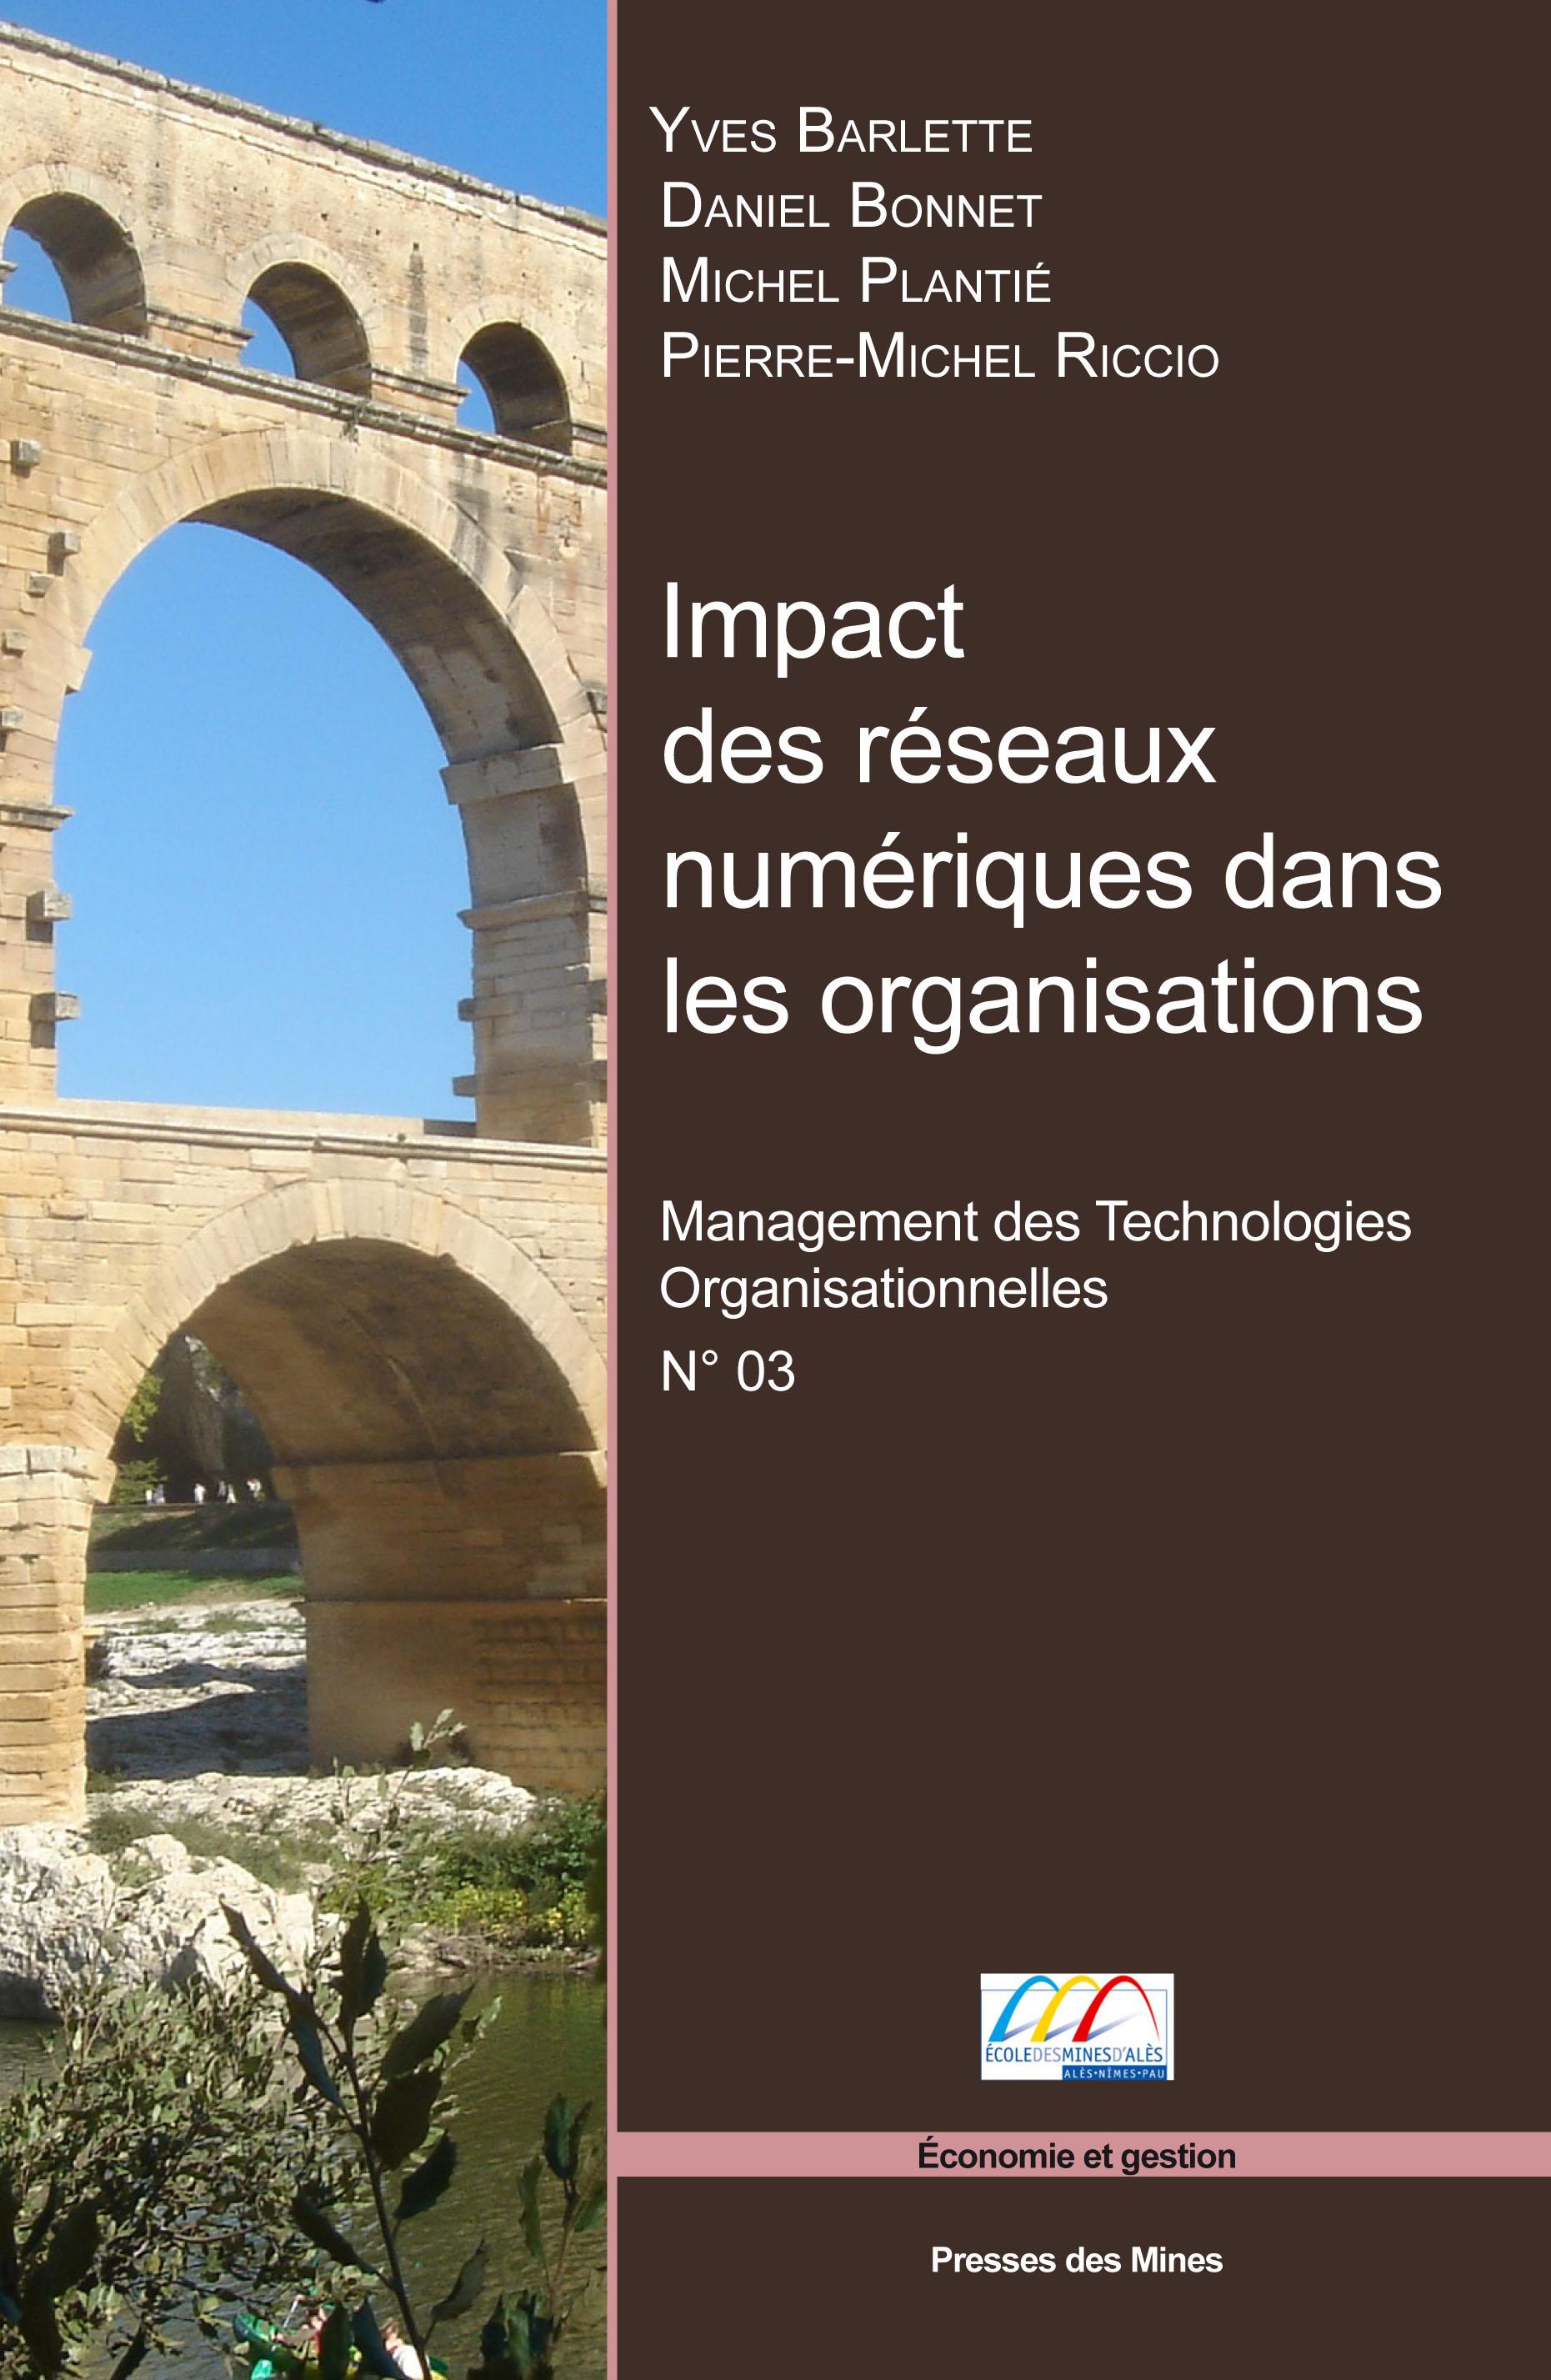 Impact des réseaux numériques dans les organisations-0